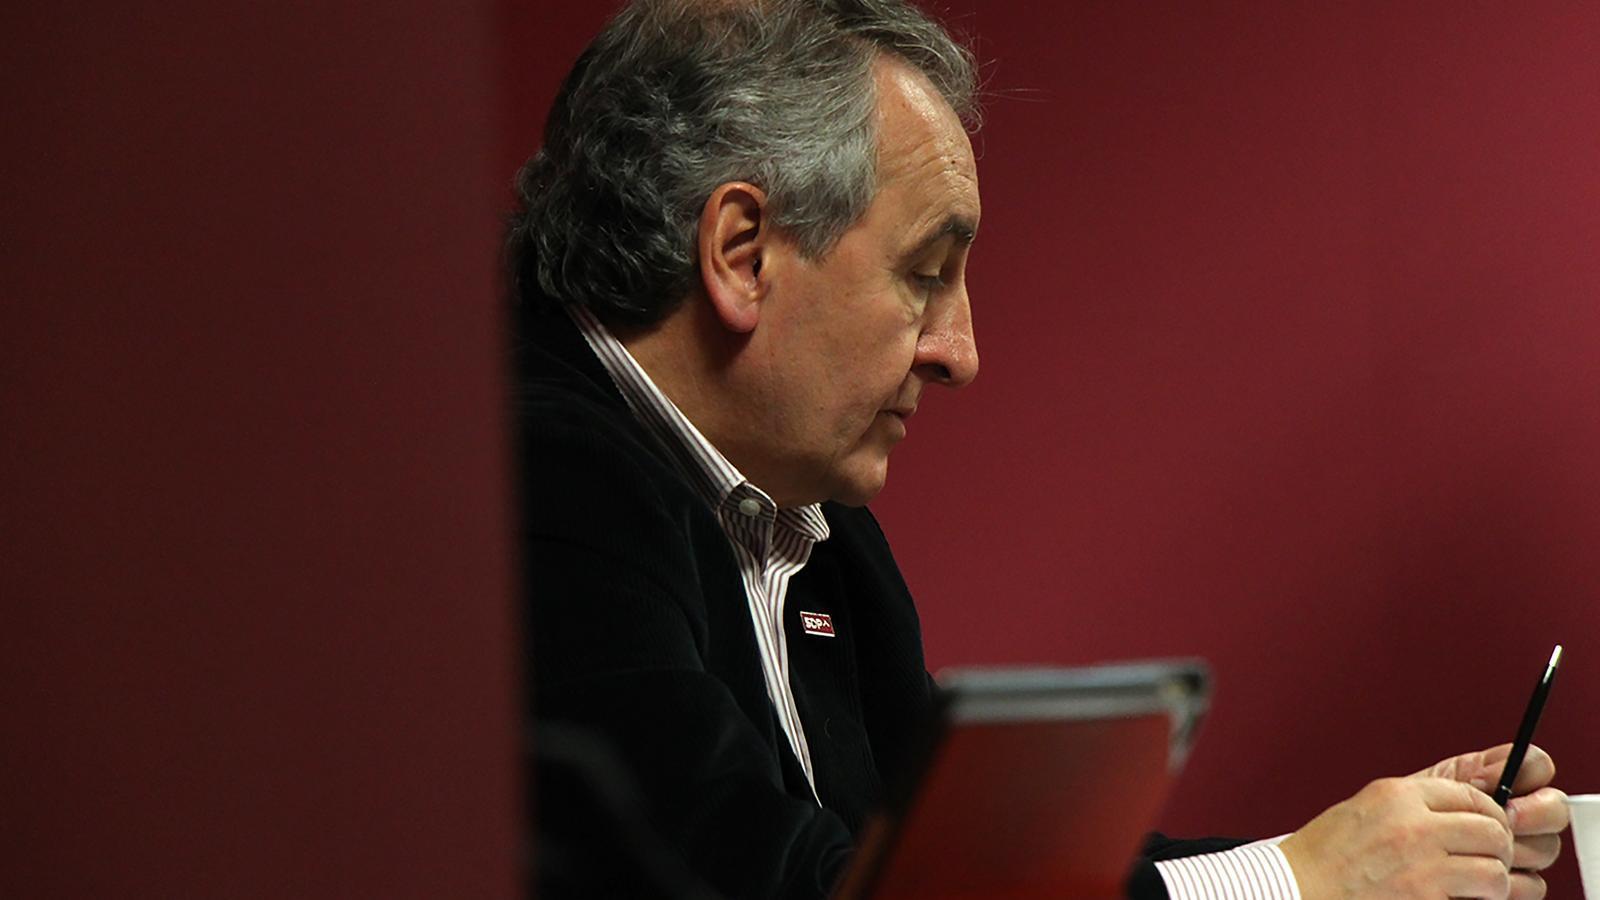 El president de Progressistes-SDP, Jaume Bartumeu, durant la celebració del consell nacional d'aquest dissabte. / M. M.